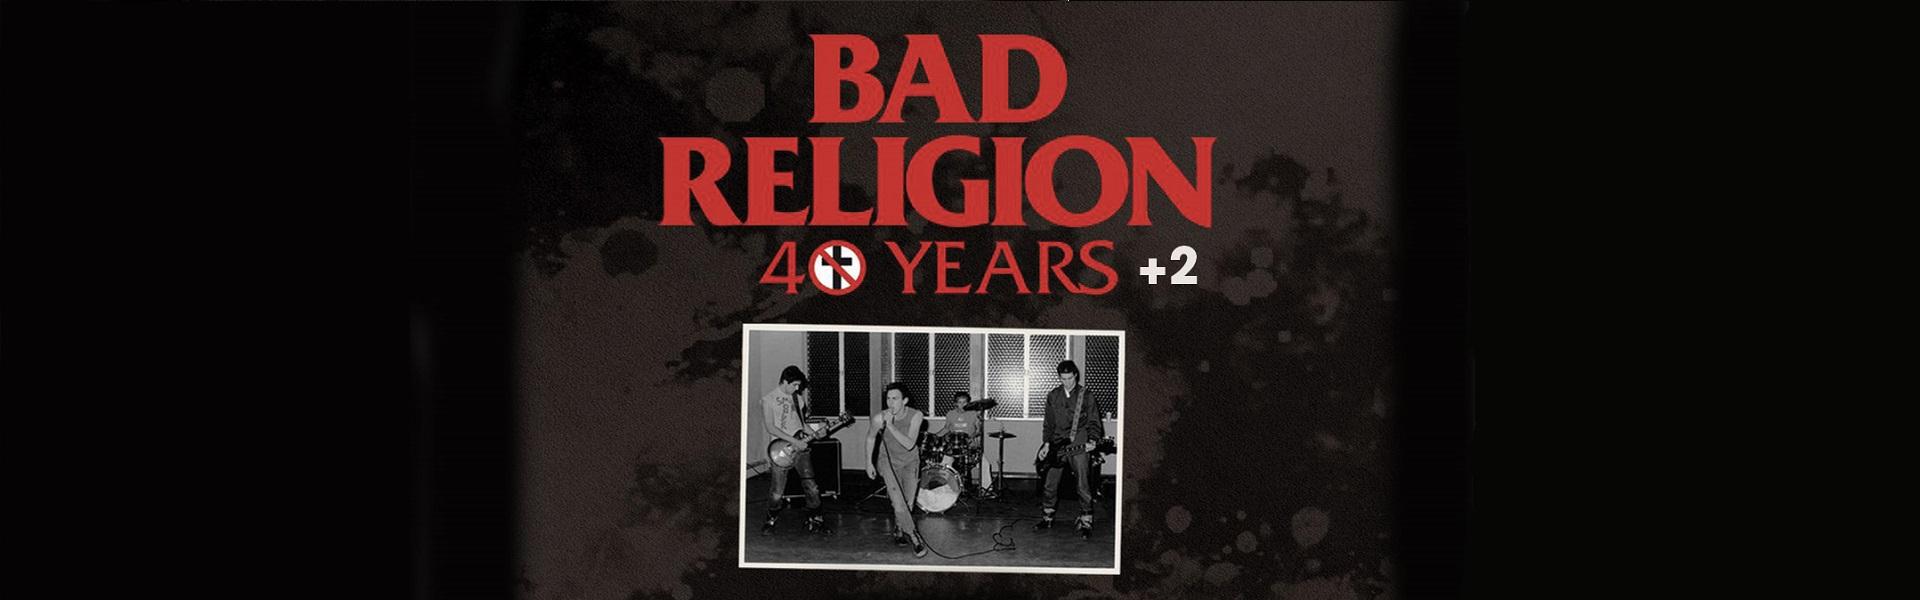 bad religion biglietti concerto 21 giugno 2021 Paladue Bassano del Grappa Vicenza